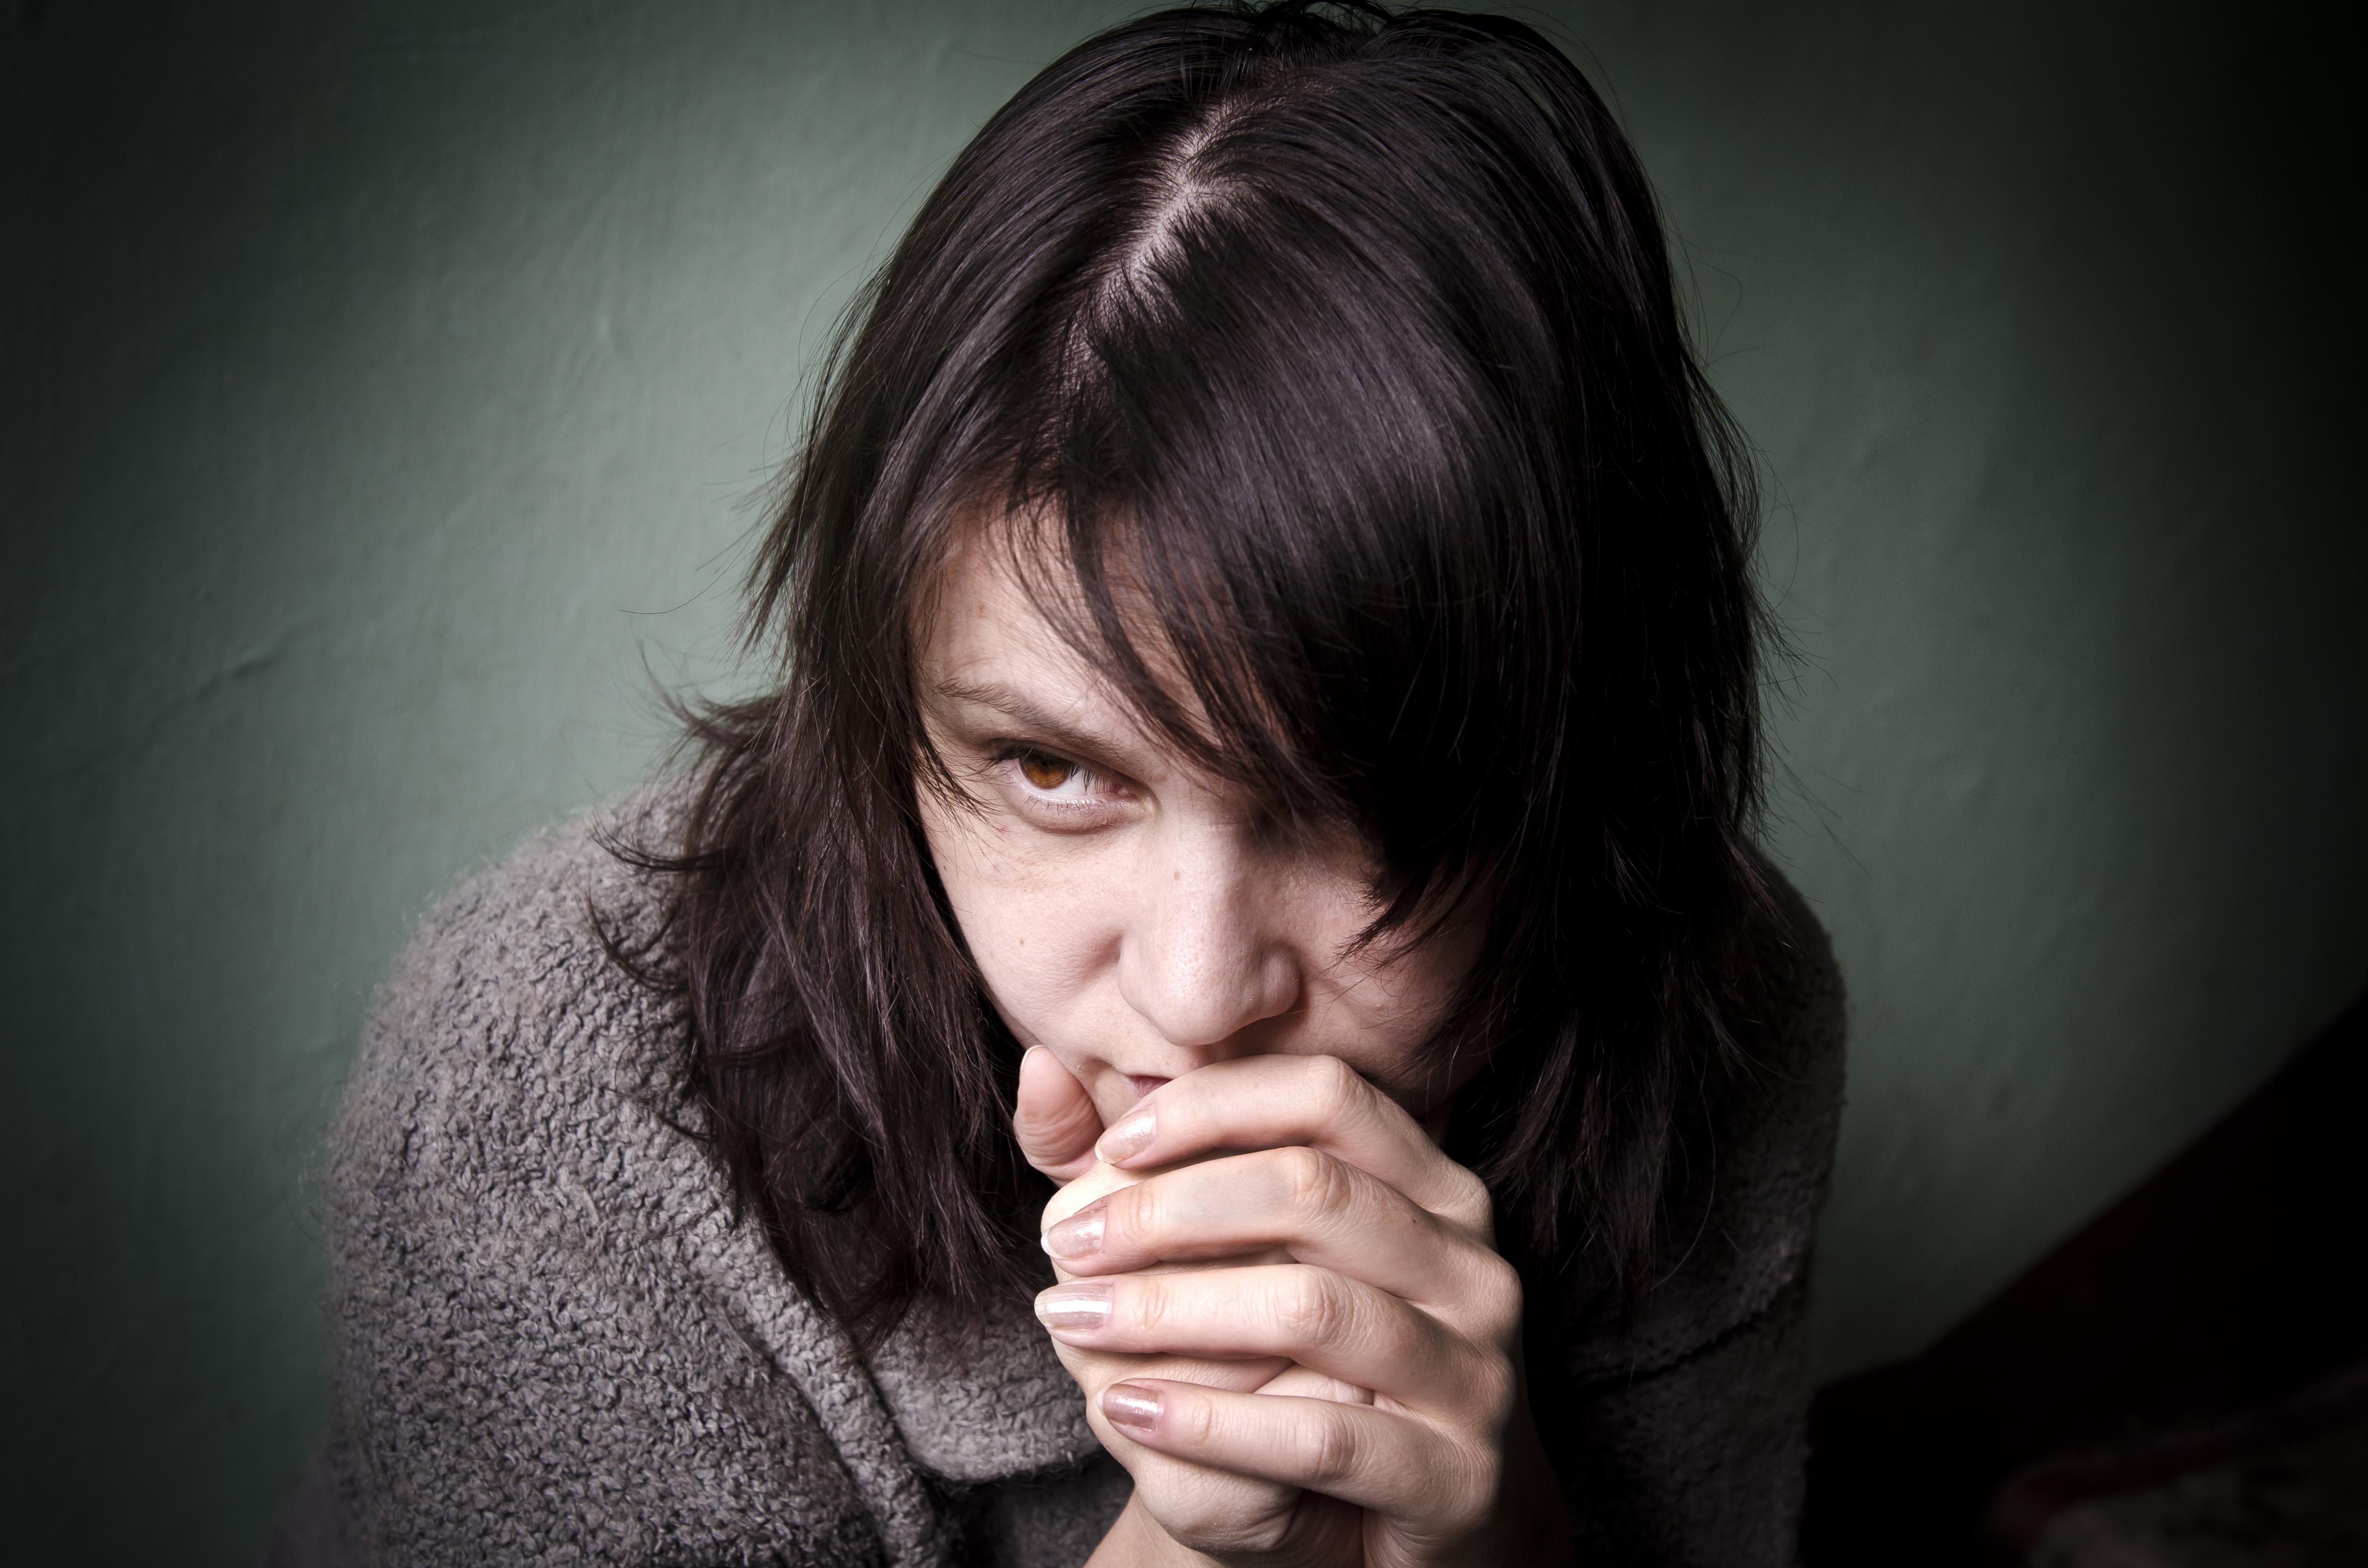 Smärta kopplat till psykiatriska och psykologiska tillstånd står för de absolut högsta sjukskrivningstalen.